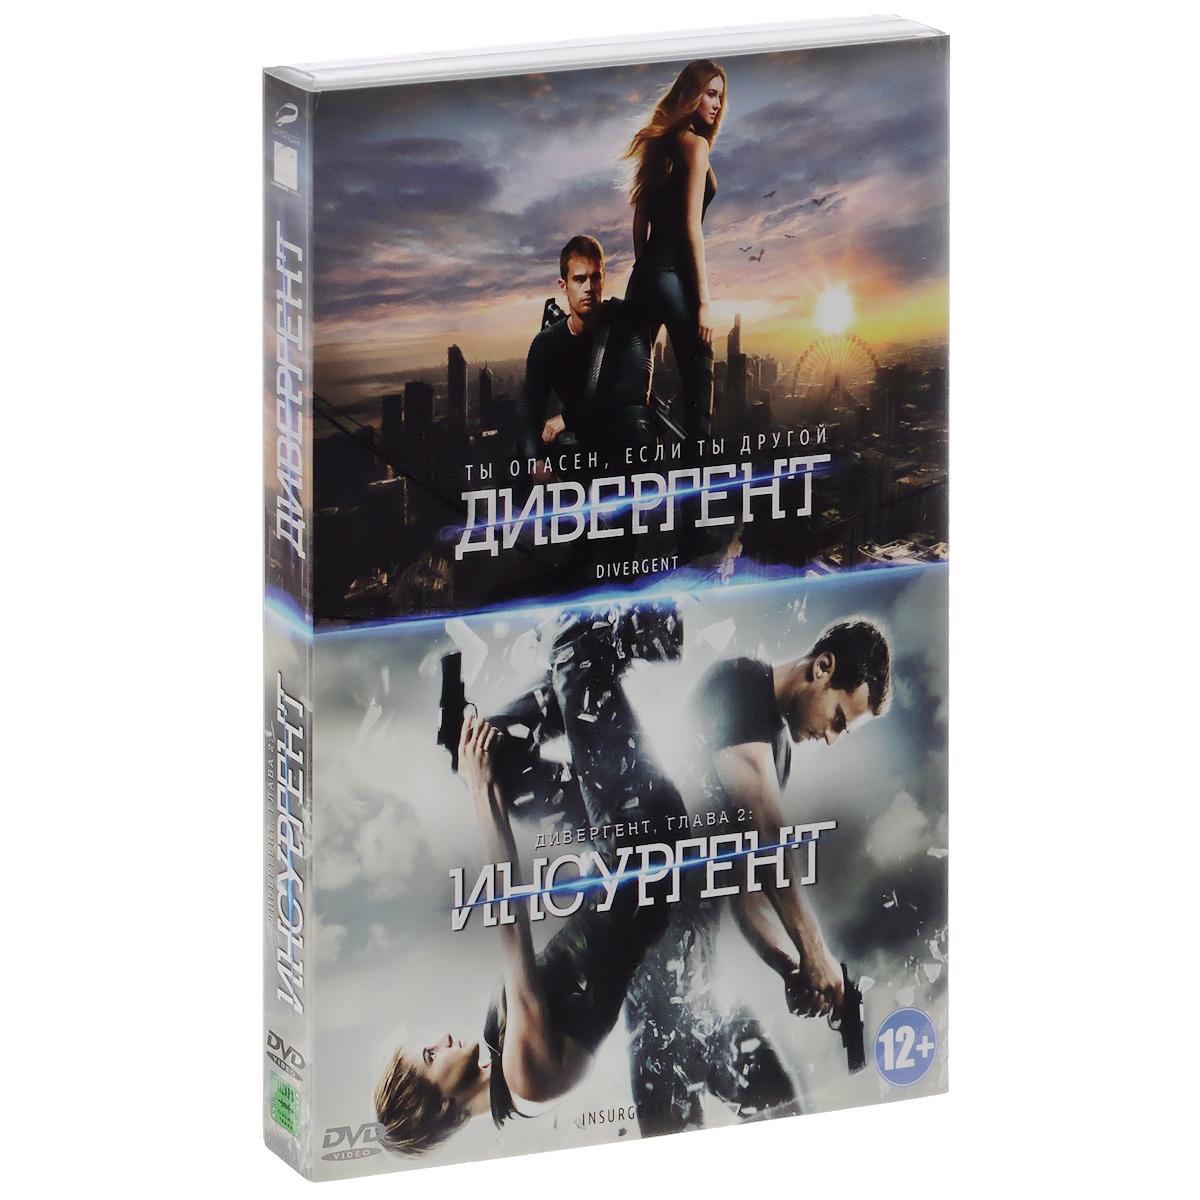 Фото - Дивергент / Дивергент: Глава 2: Инсургент (2 DVD) бумажник otto 366 2015